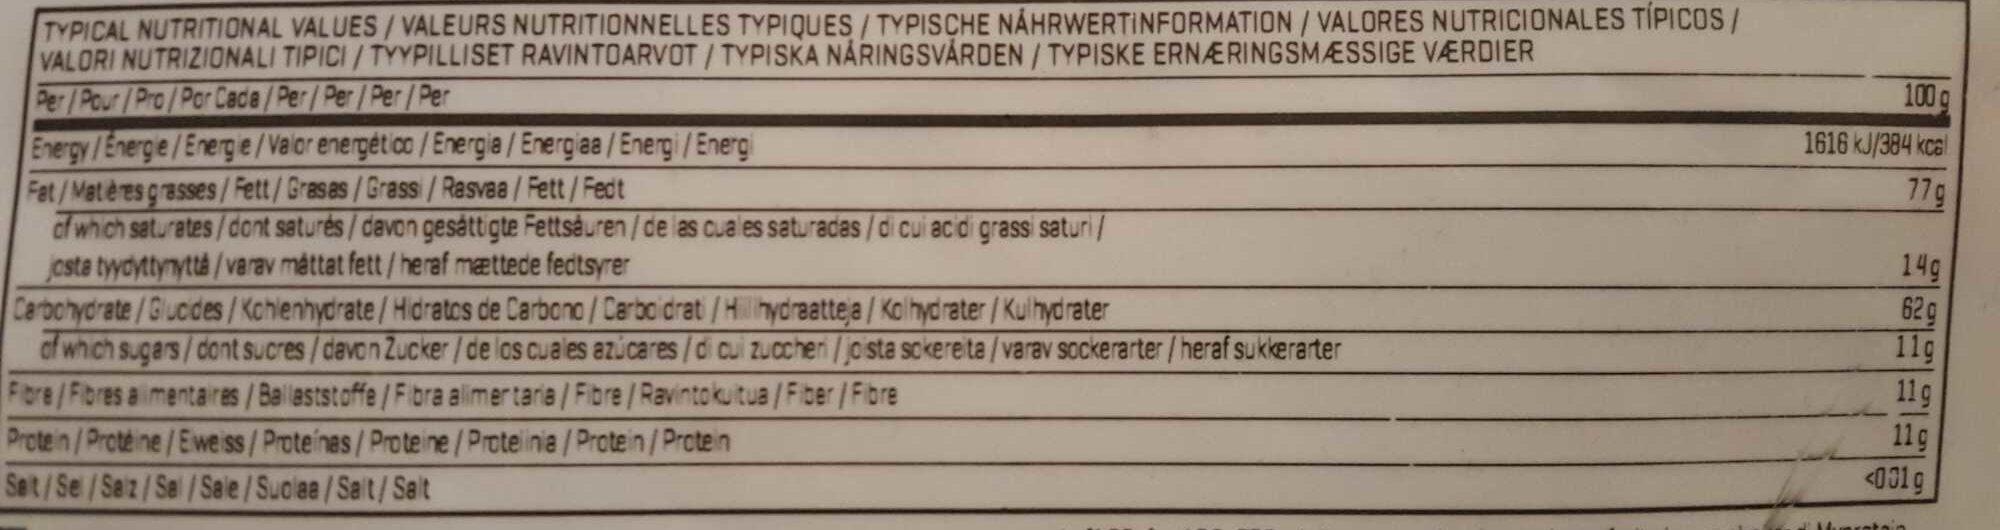 Instant oats sans arôme - Informations nutritionnelles - fr